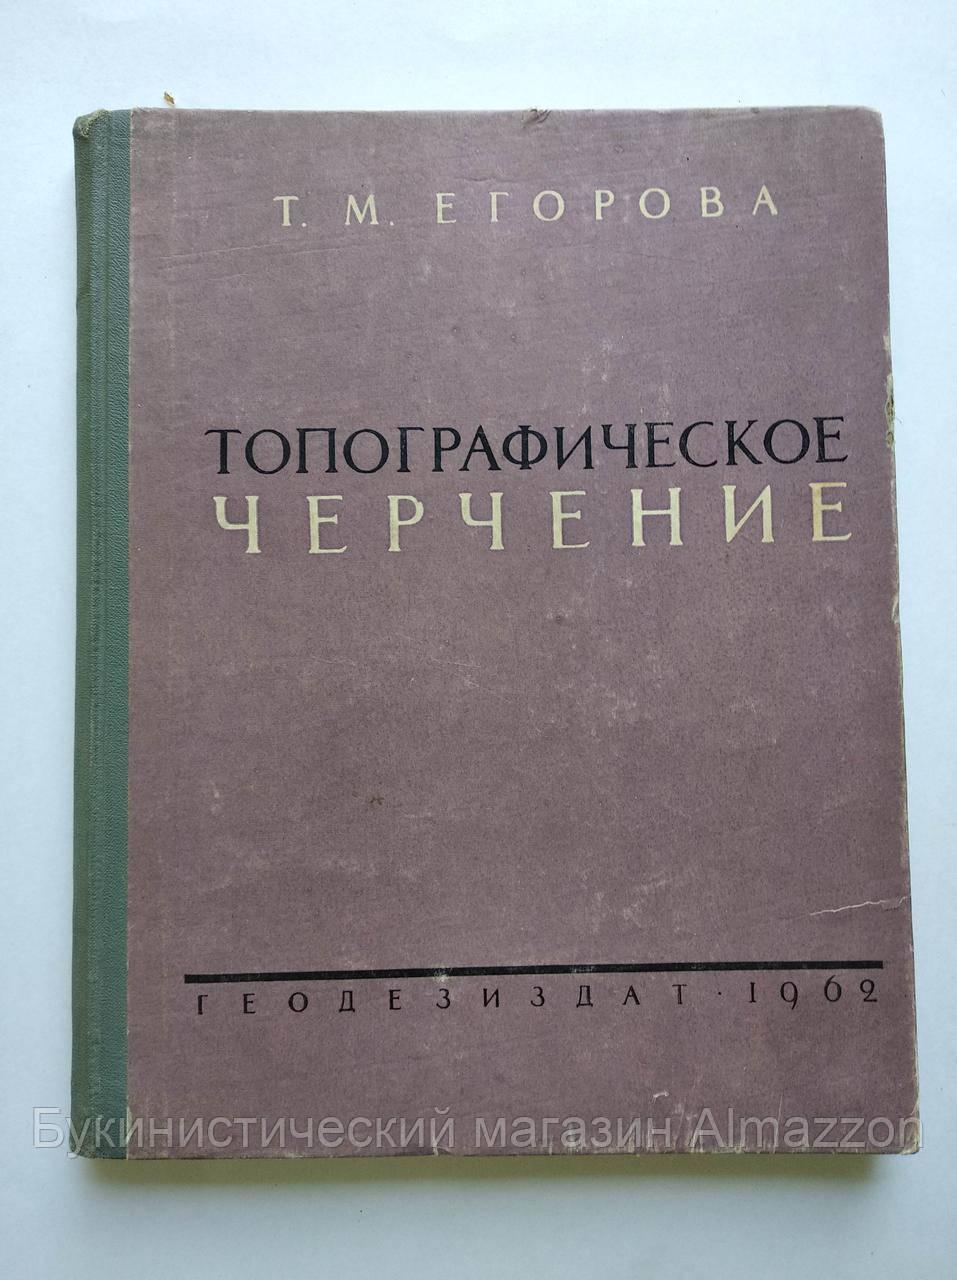 Т.Егорова Топографическое черчение 1962 год